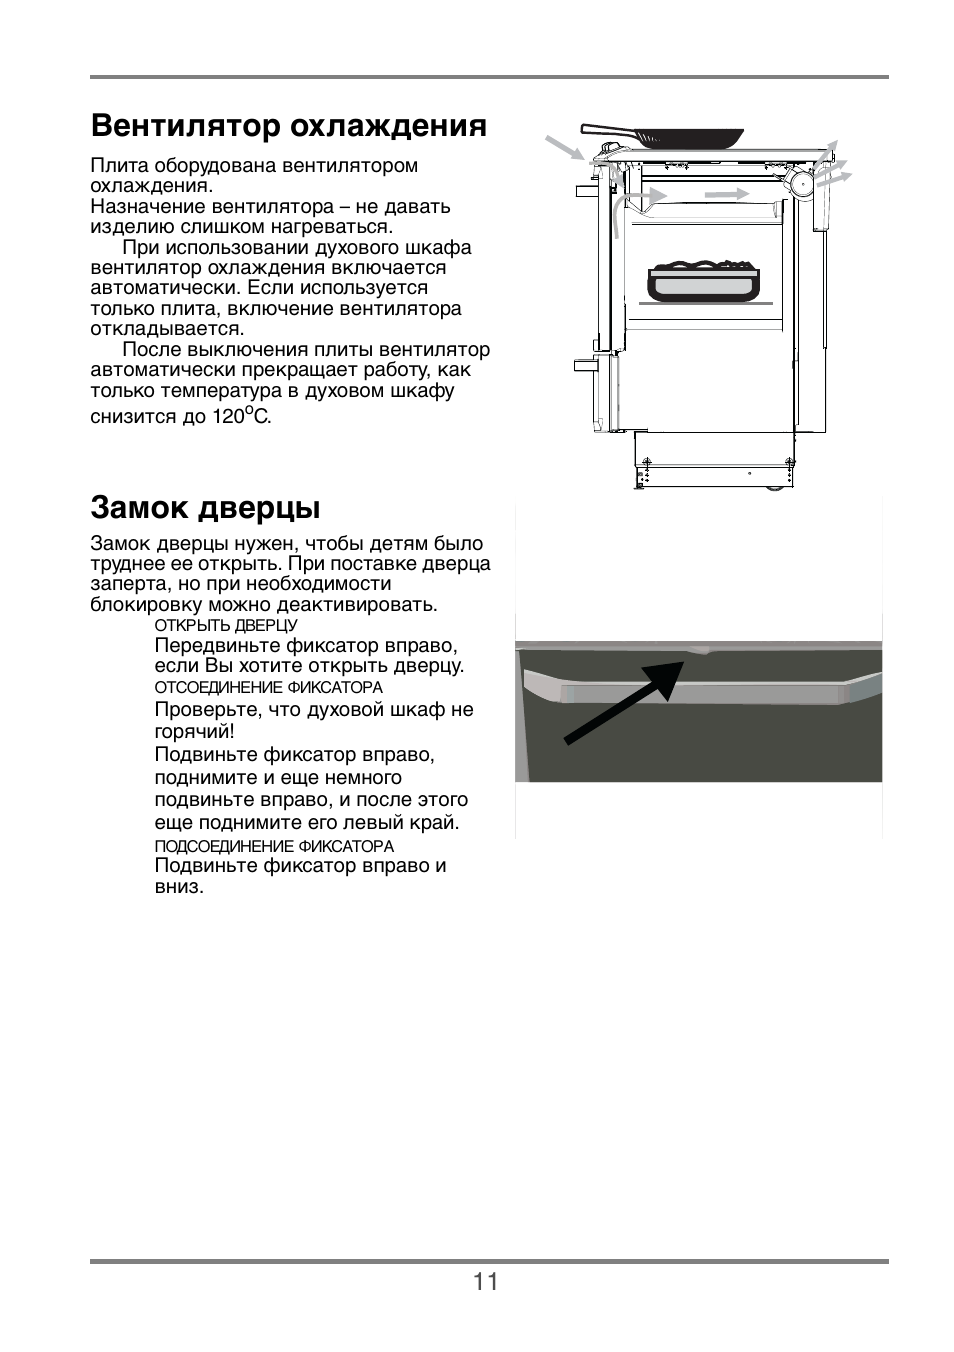 инструкция плита нововятка престиж